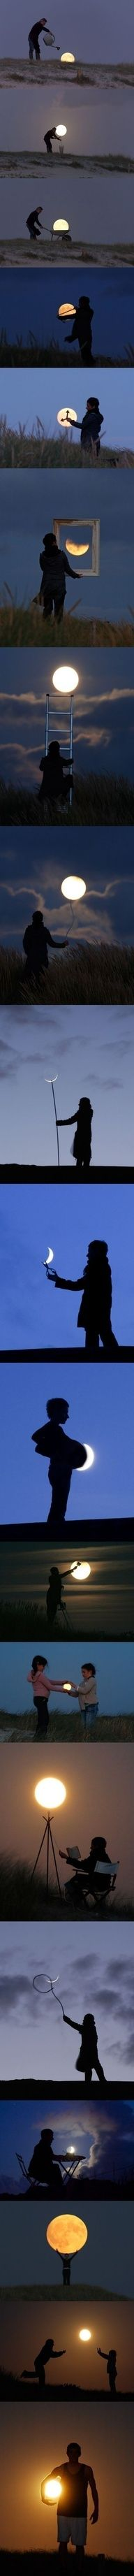 Luna y trucos